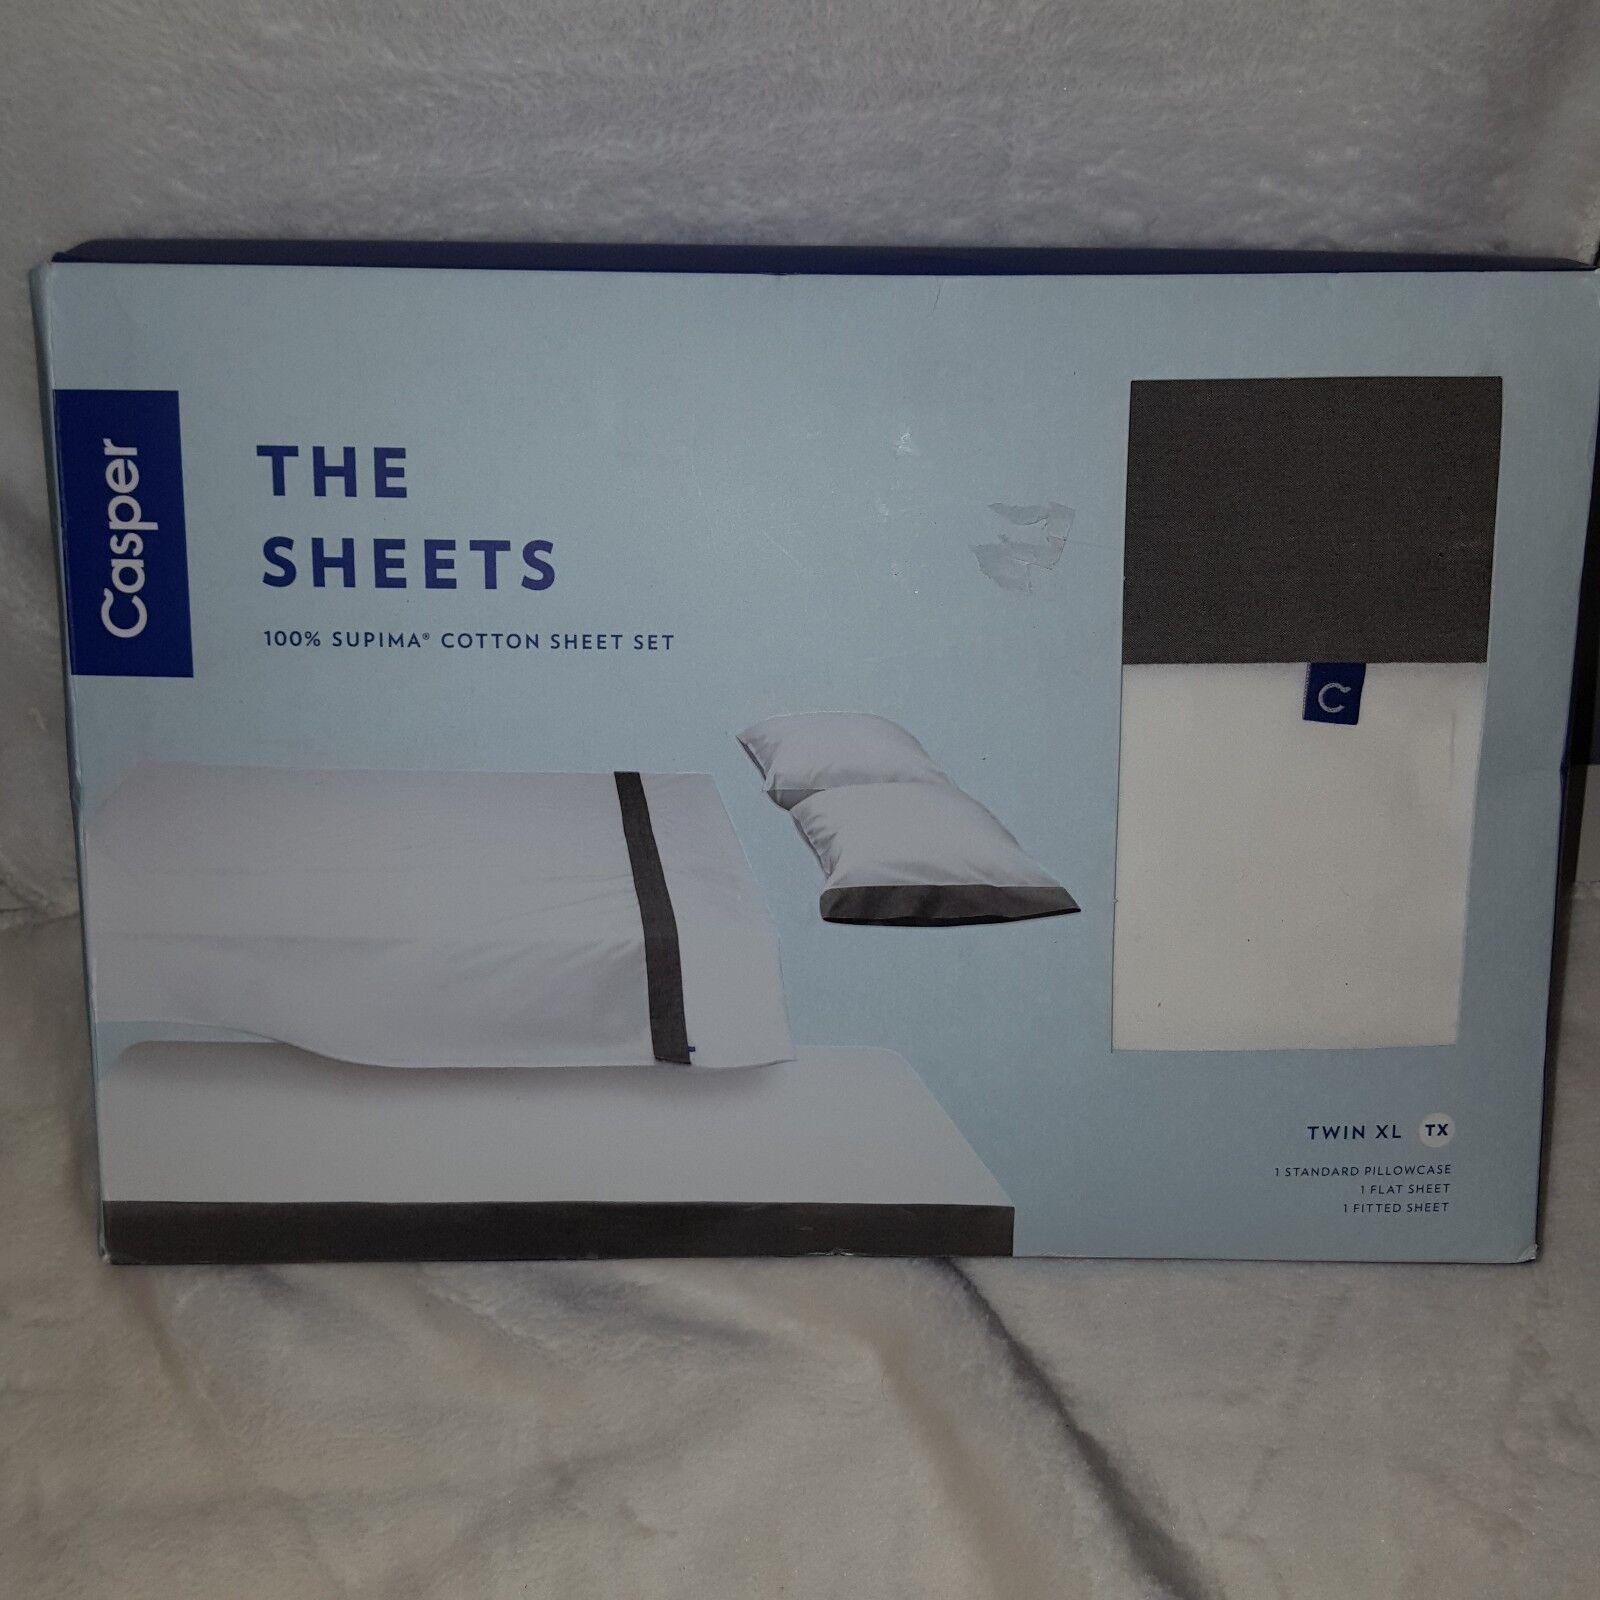 Casper The Sheets Sheet Set Twin XL Pillowcase, Flat Sheet, Fitted Sheet